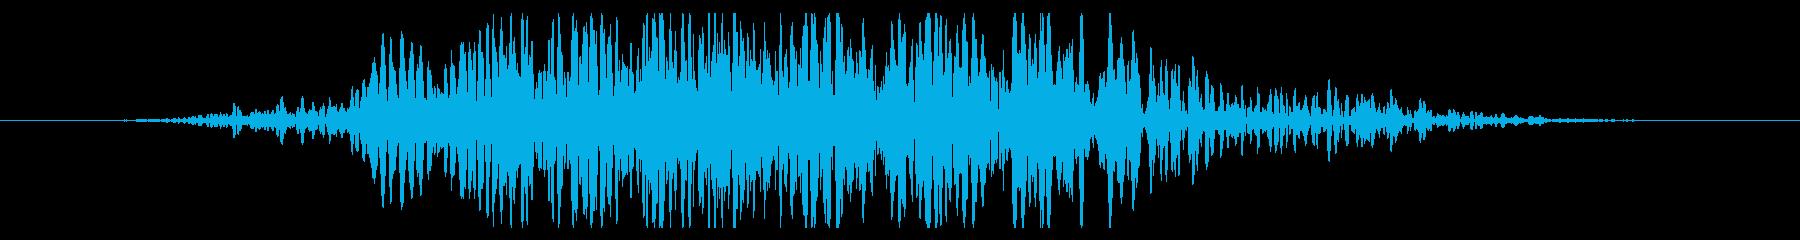 斬撃 ディープスコールヘビーショート06の再生済みの波形